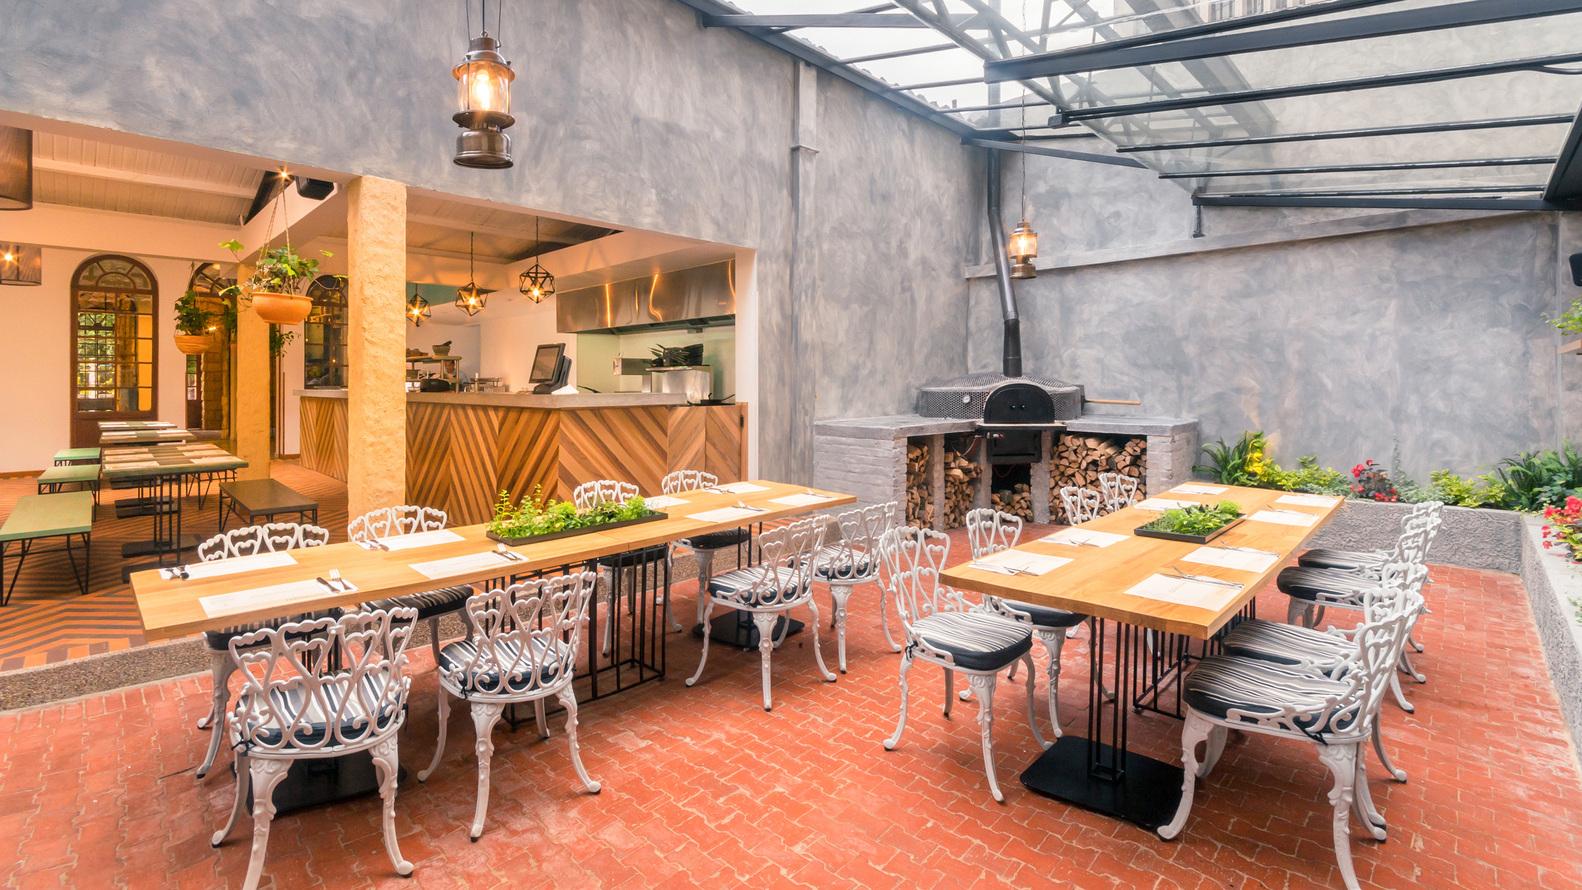 Arquitectura_Kdf_Restaurante_La_Principal_19